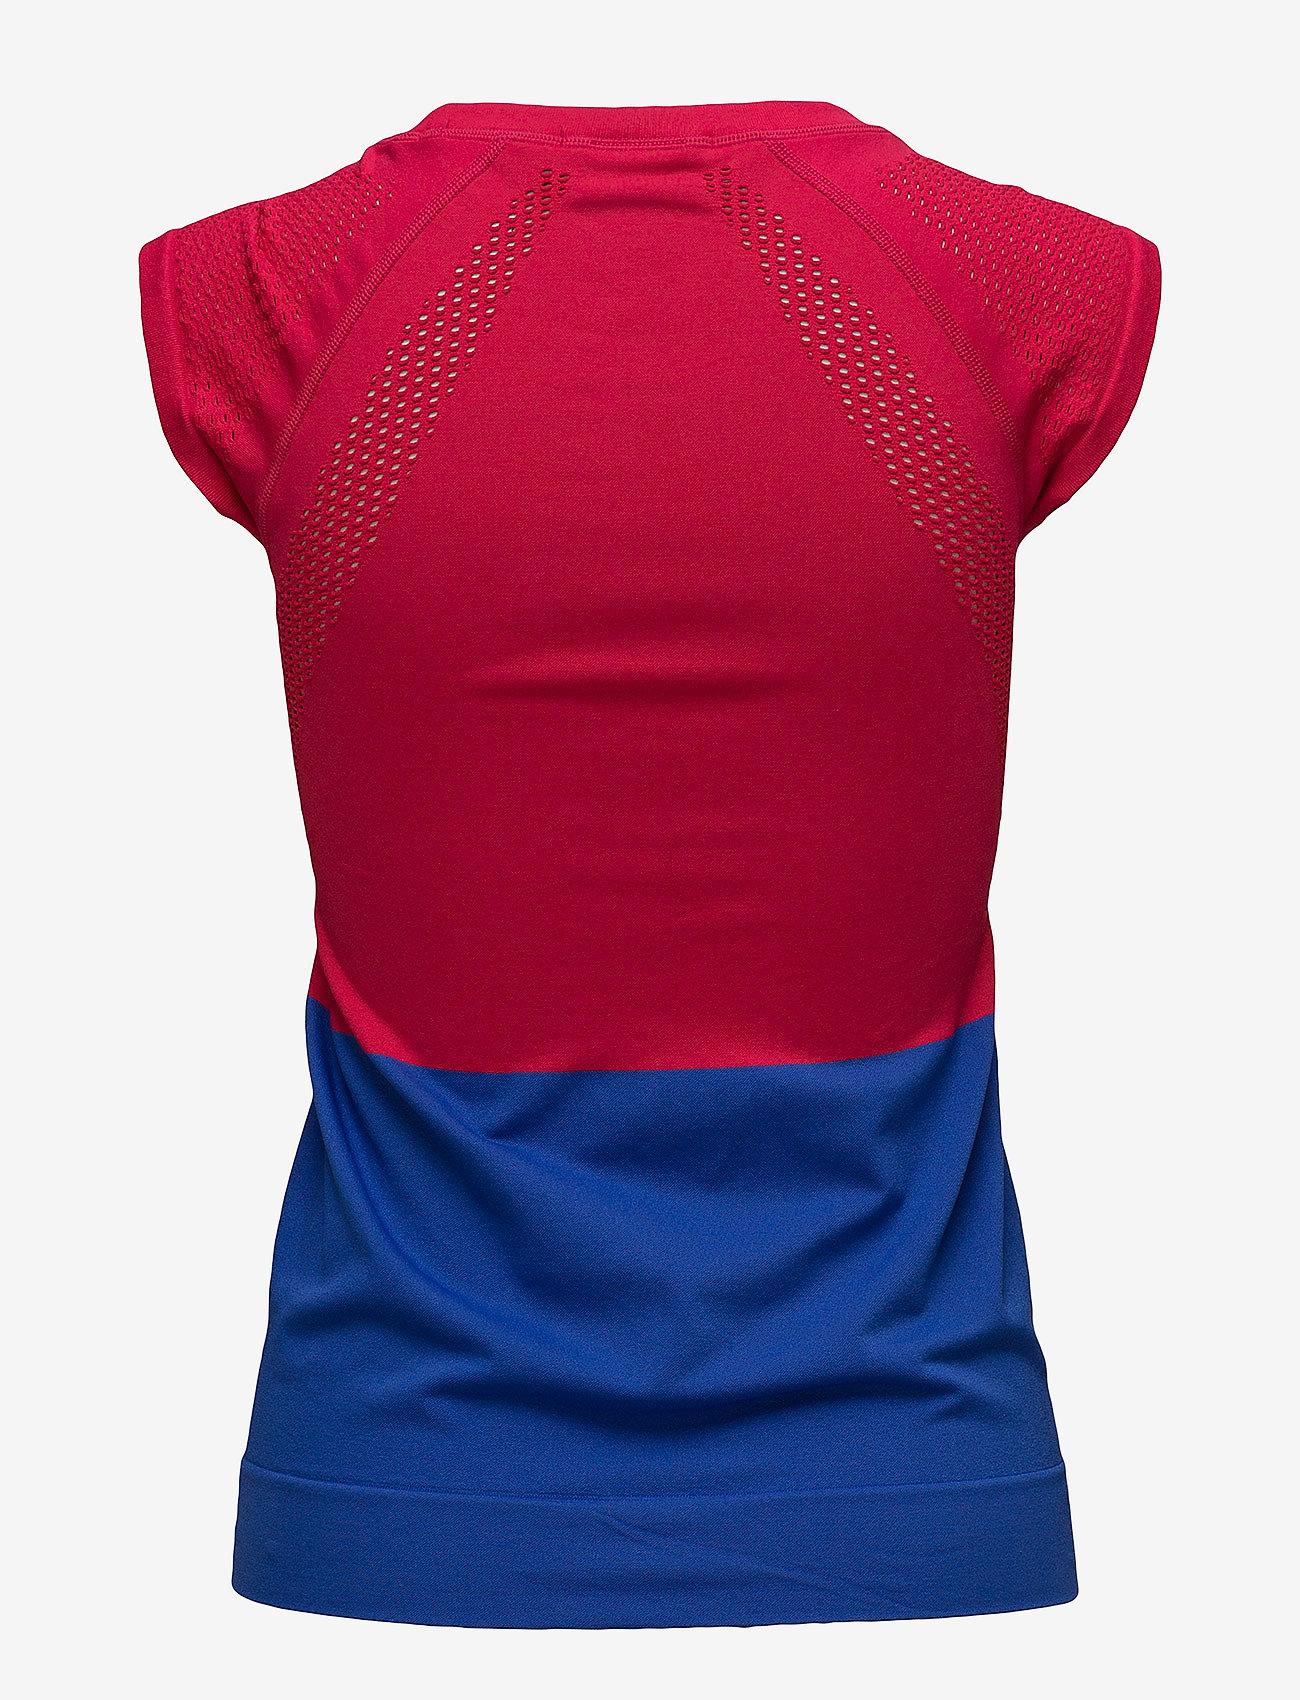 Stella Mccartney Tee (041/solid Grey/) (300 kr) - adidas Tennis